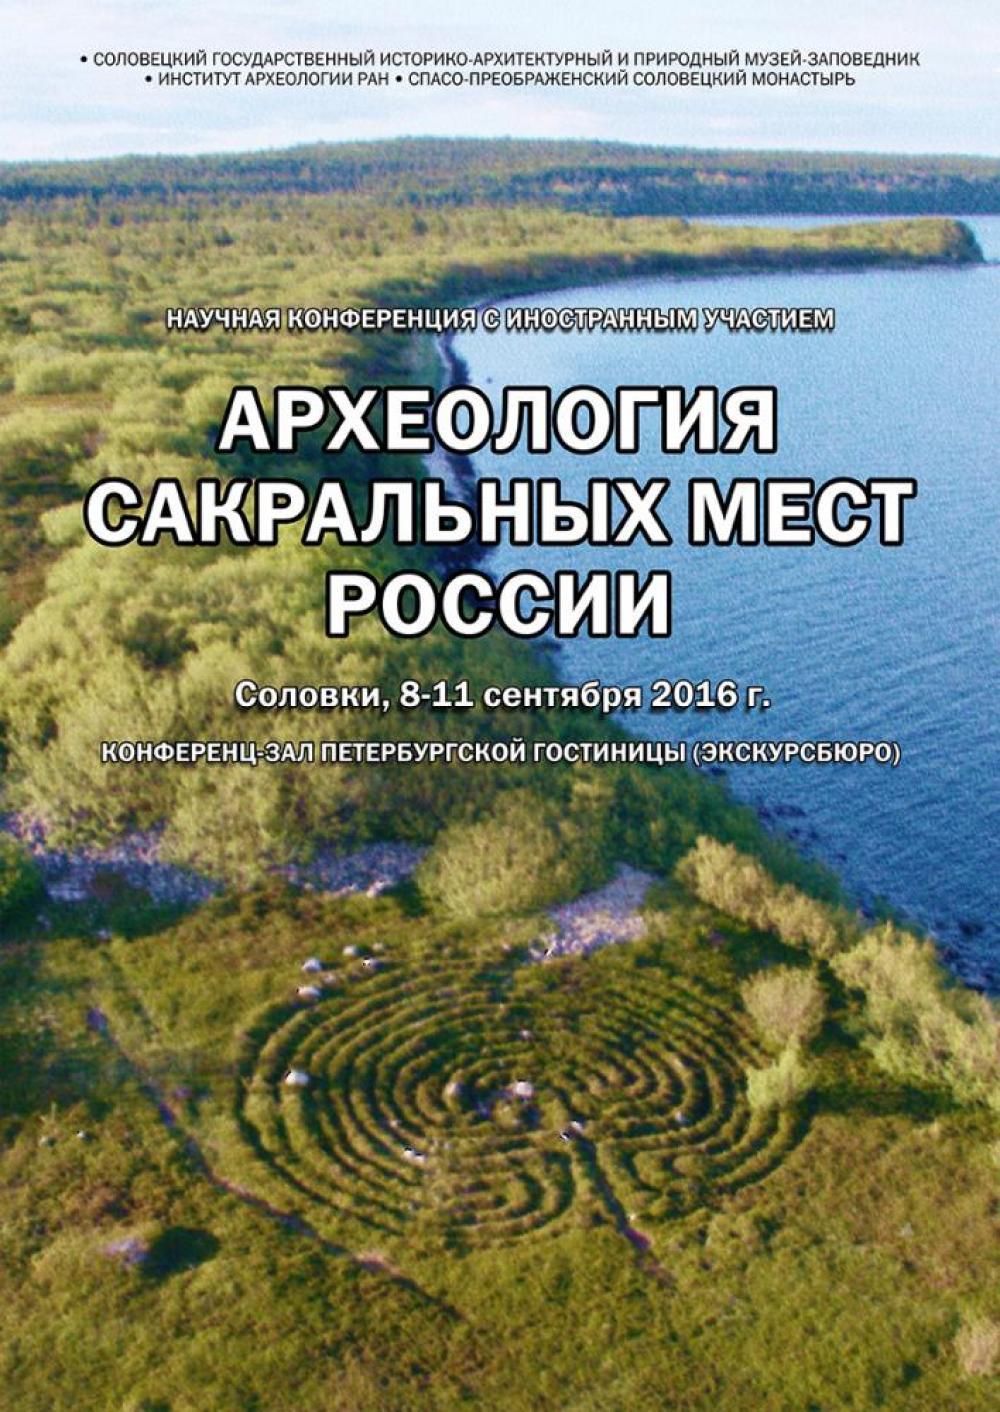 Афиша конференции «Археология сакральных мест России». 2016 г.